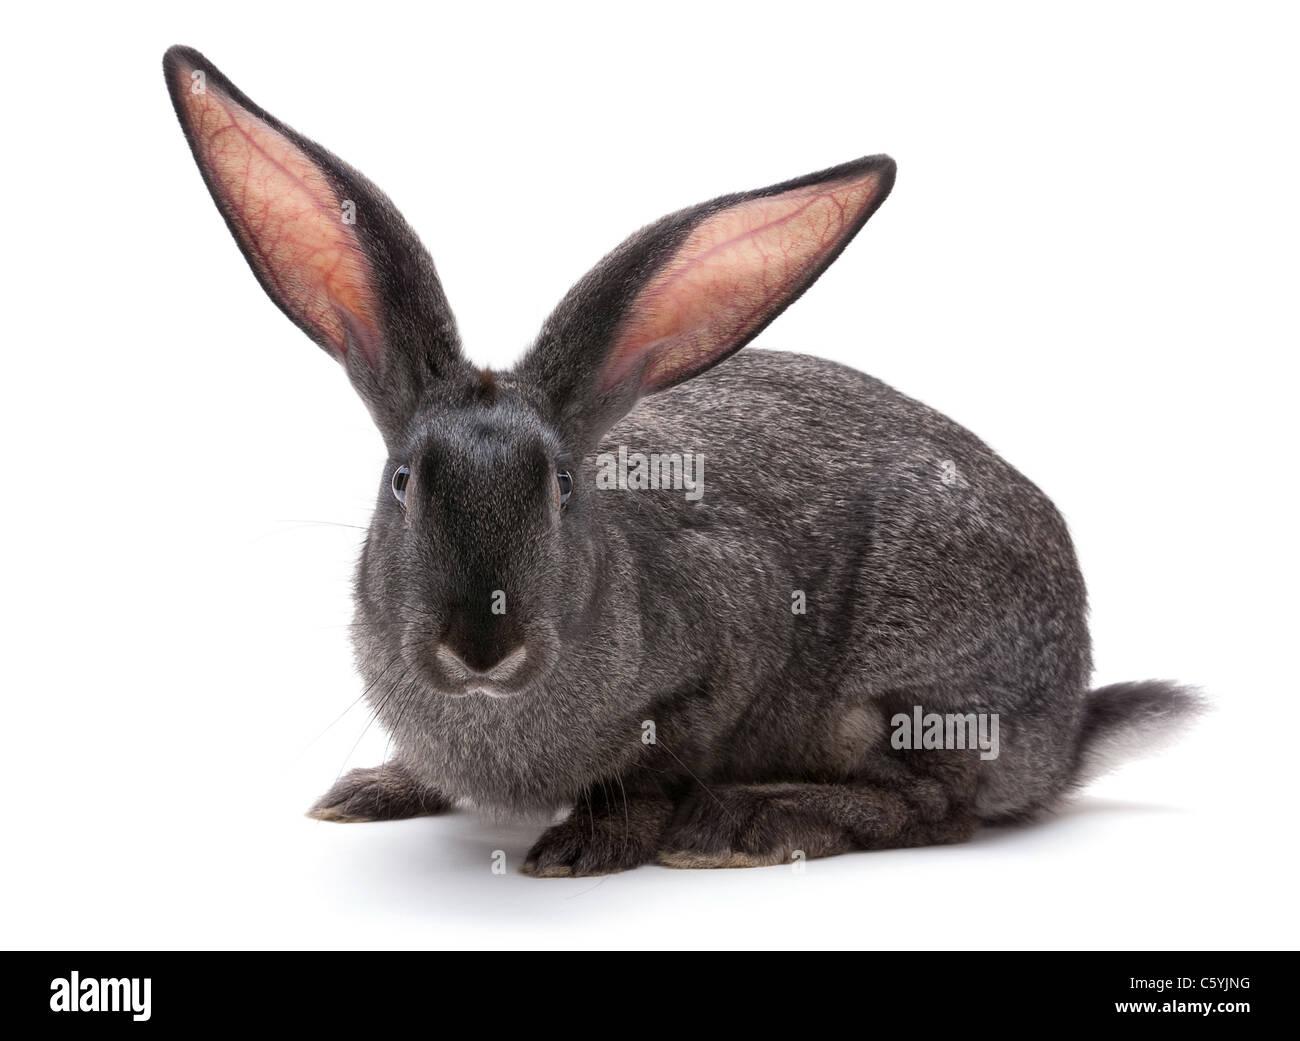 Gros plan d'animaux d'élevage de lapin sur fond blanc Photo Stock